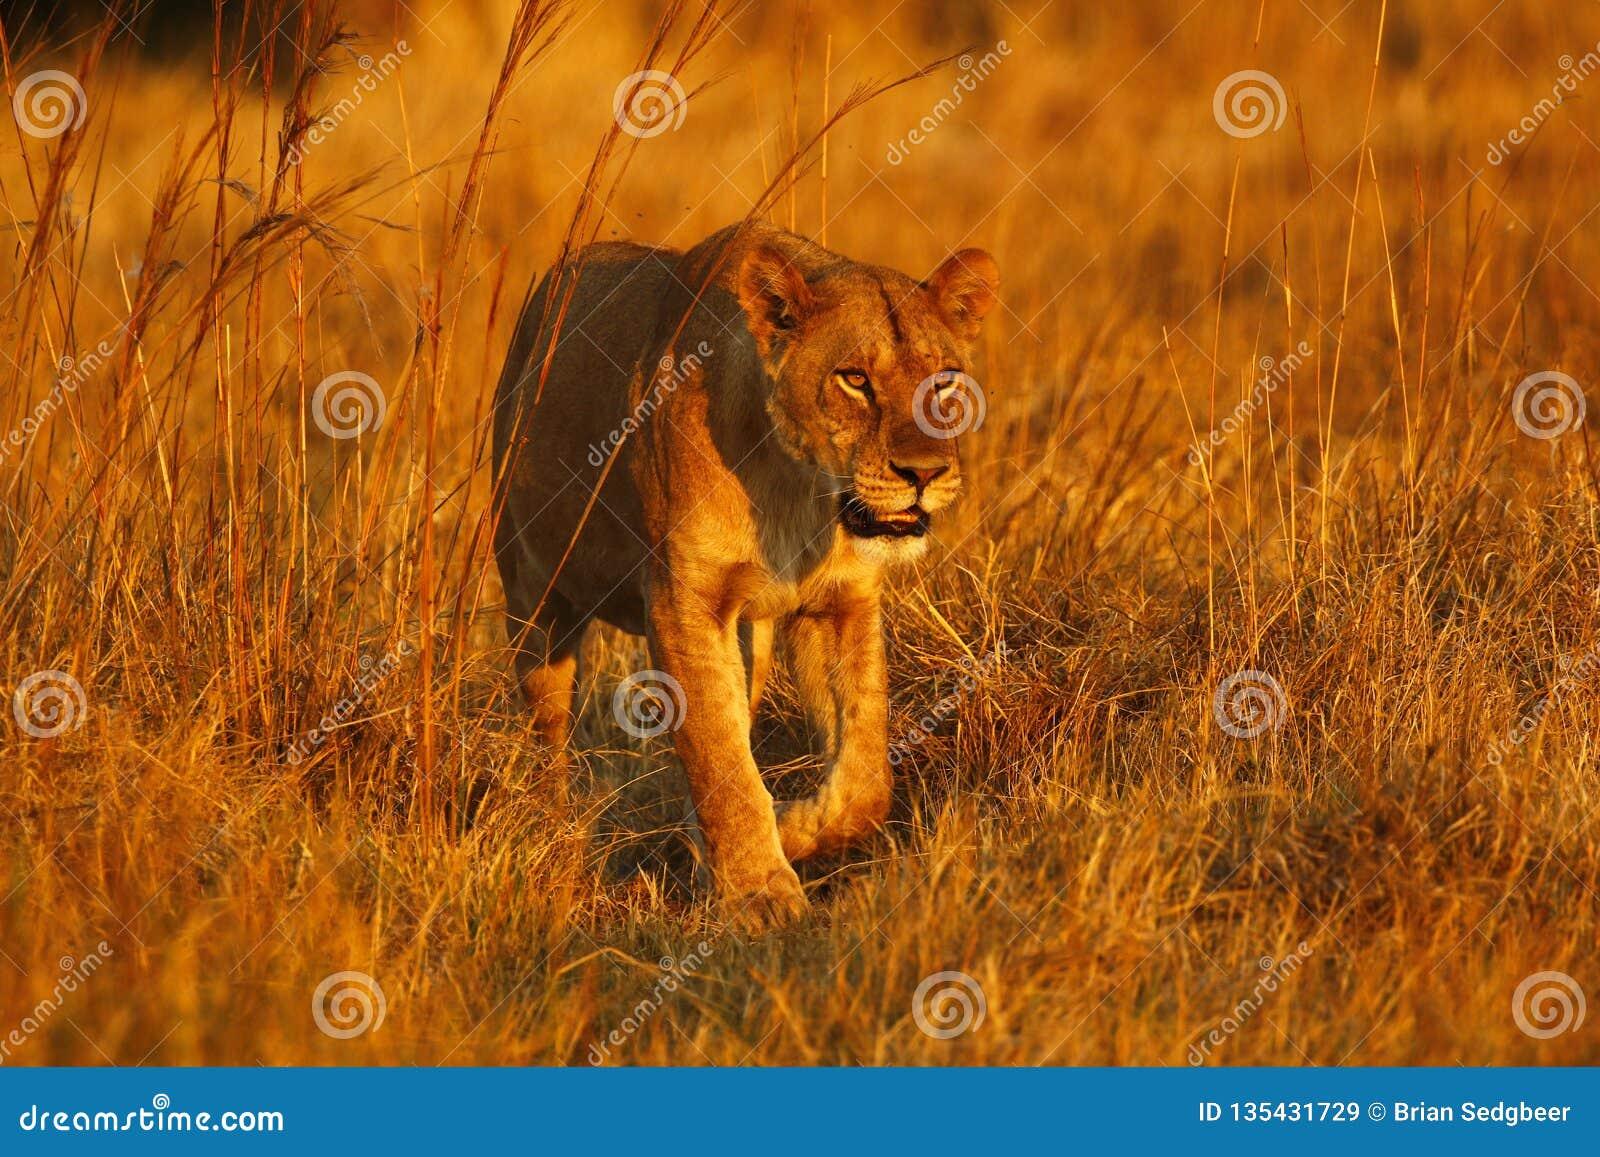 Θαυμάσιο νέο θηλυκό λιοντάρι στην υπερηφάνεια